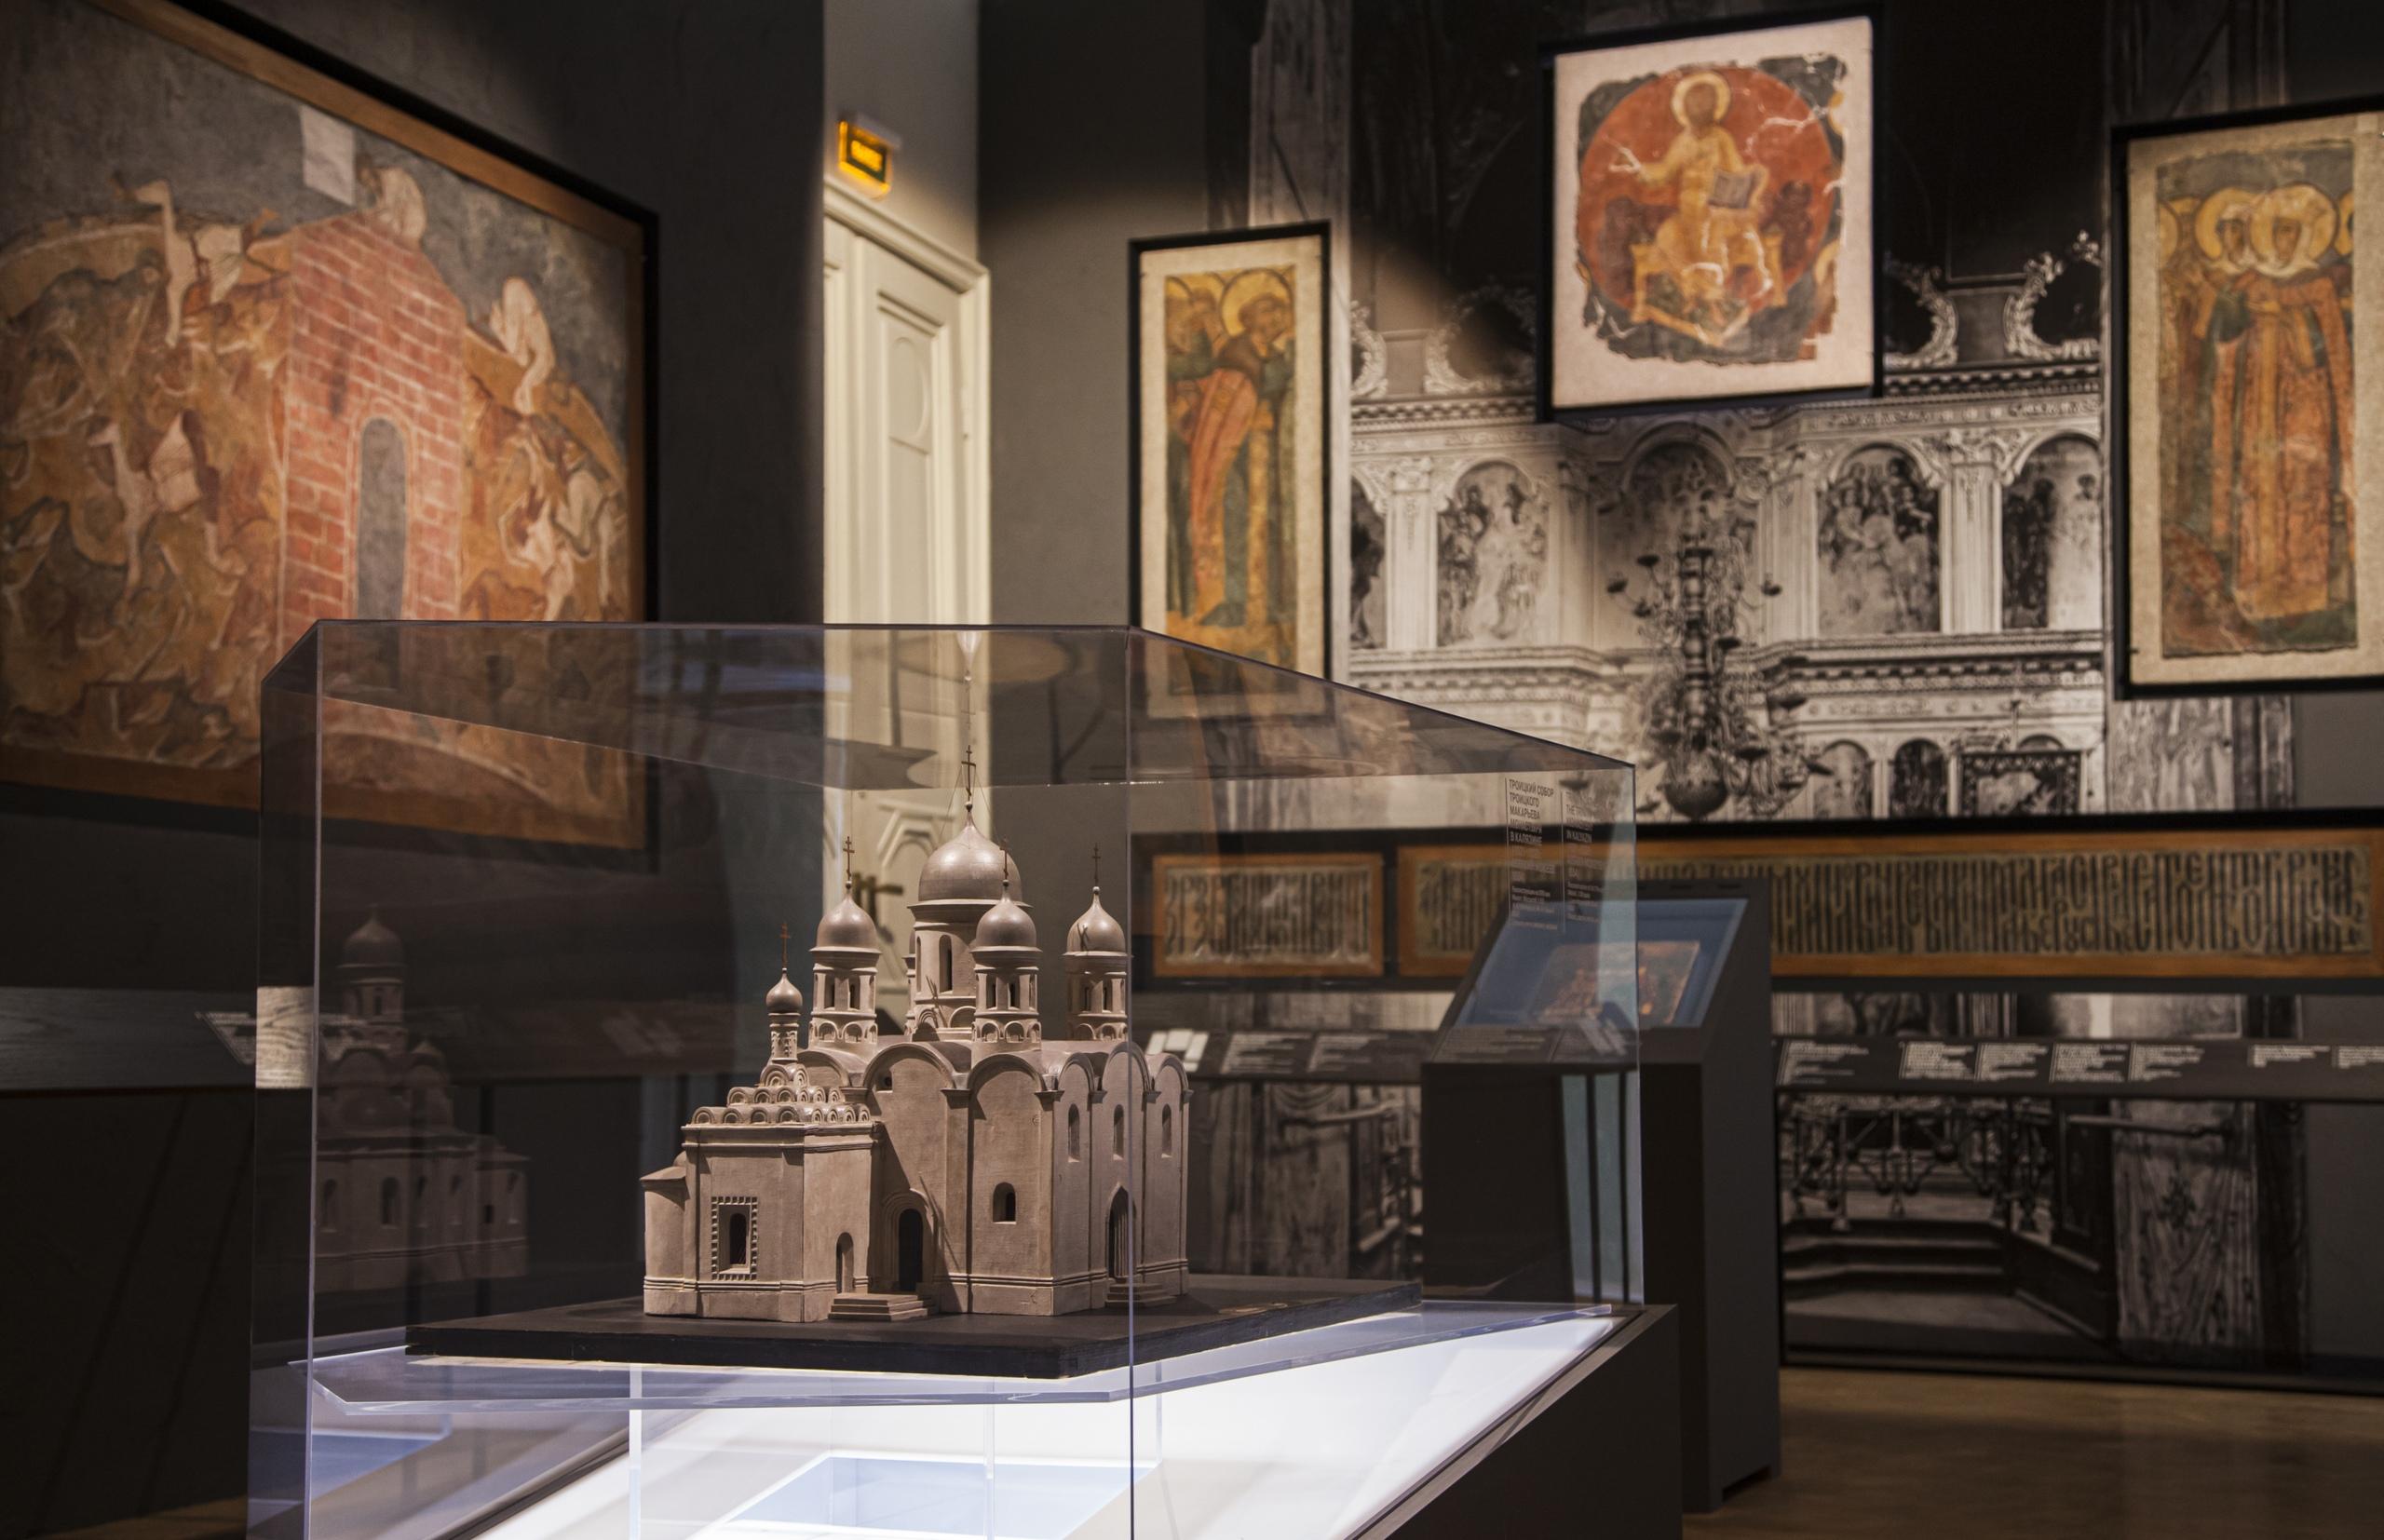 Фото Государственный музей архитектуры имени А. В. Щусева, г. Москва